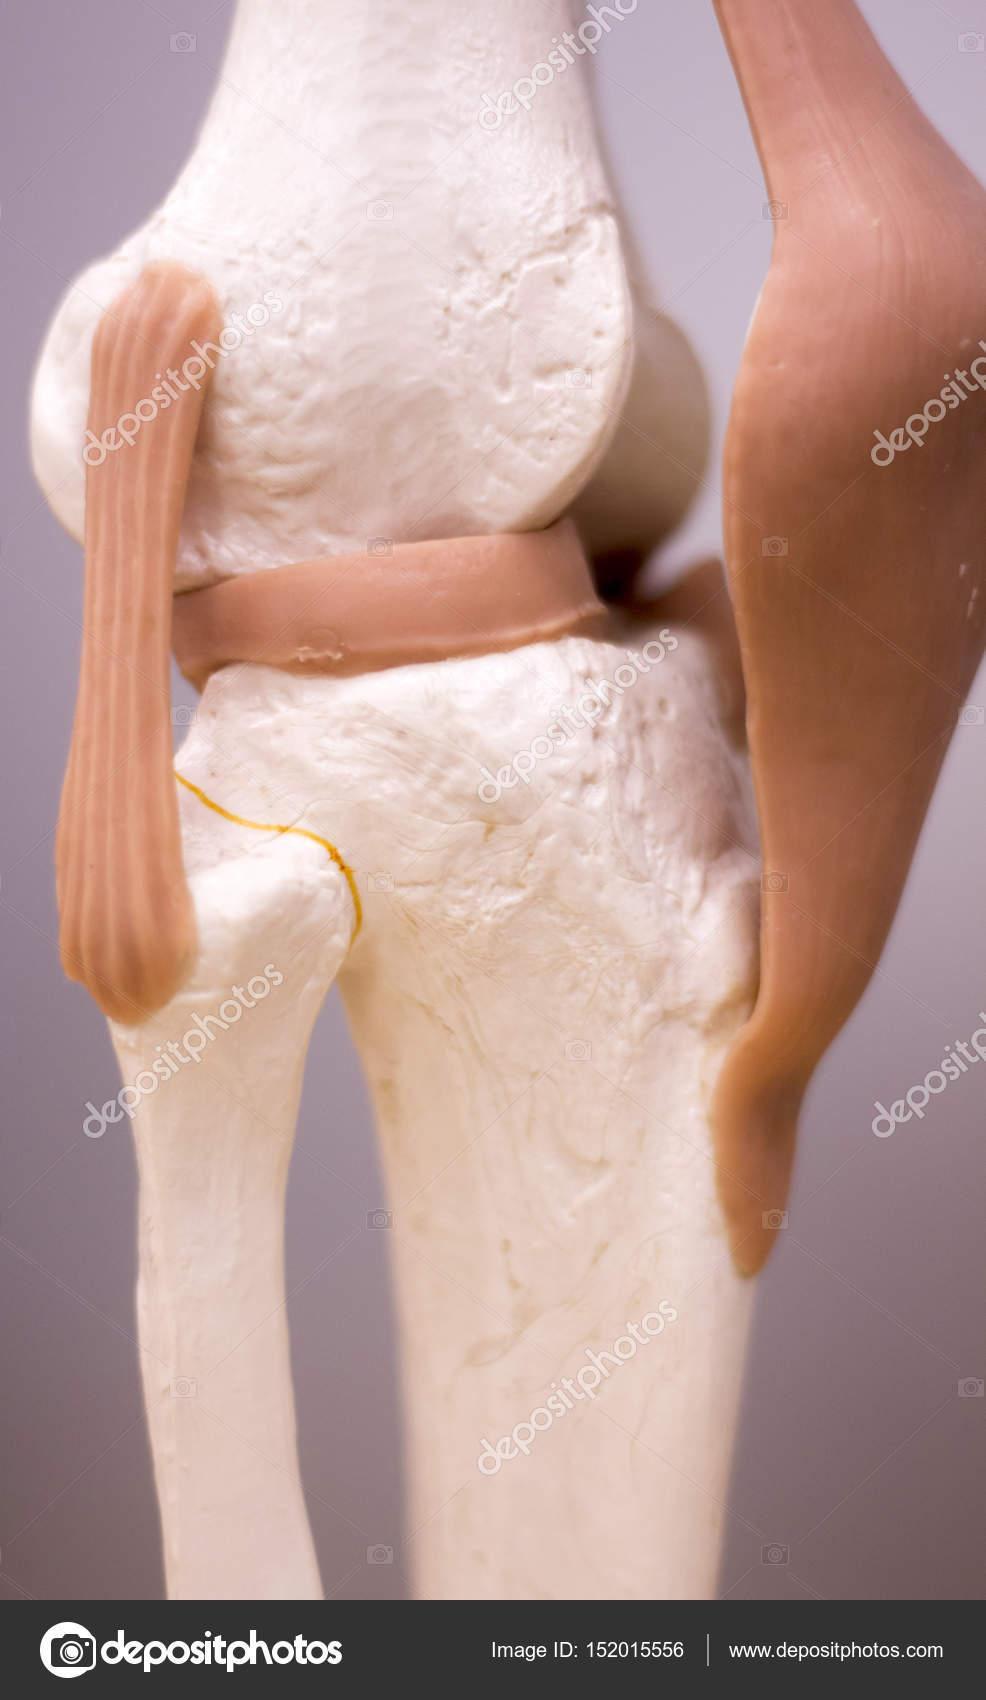 Knee Meniscus Medical Model Stock Photo Edwardolive 152015556